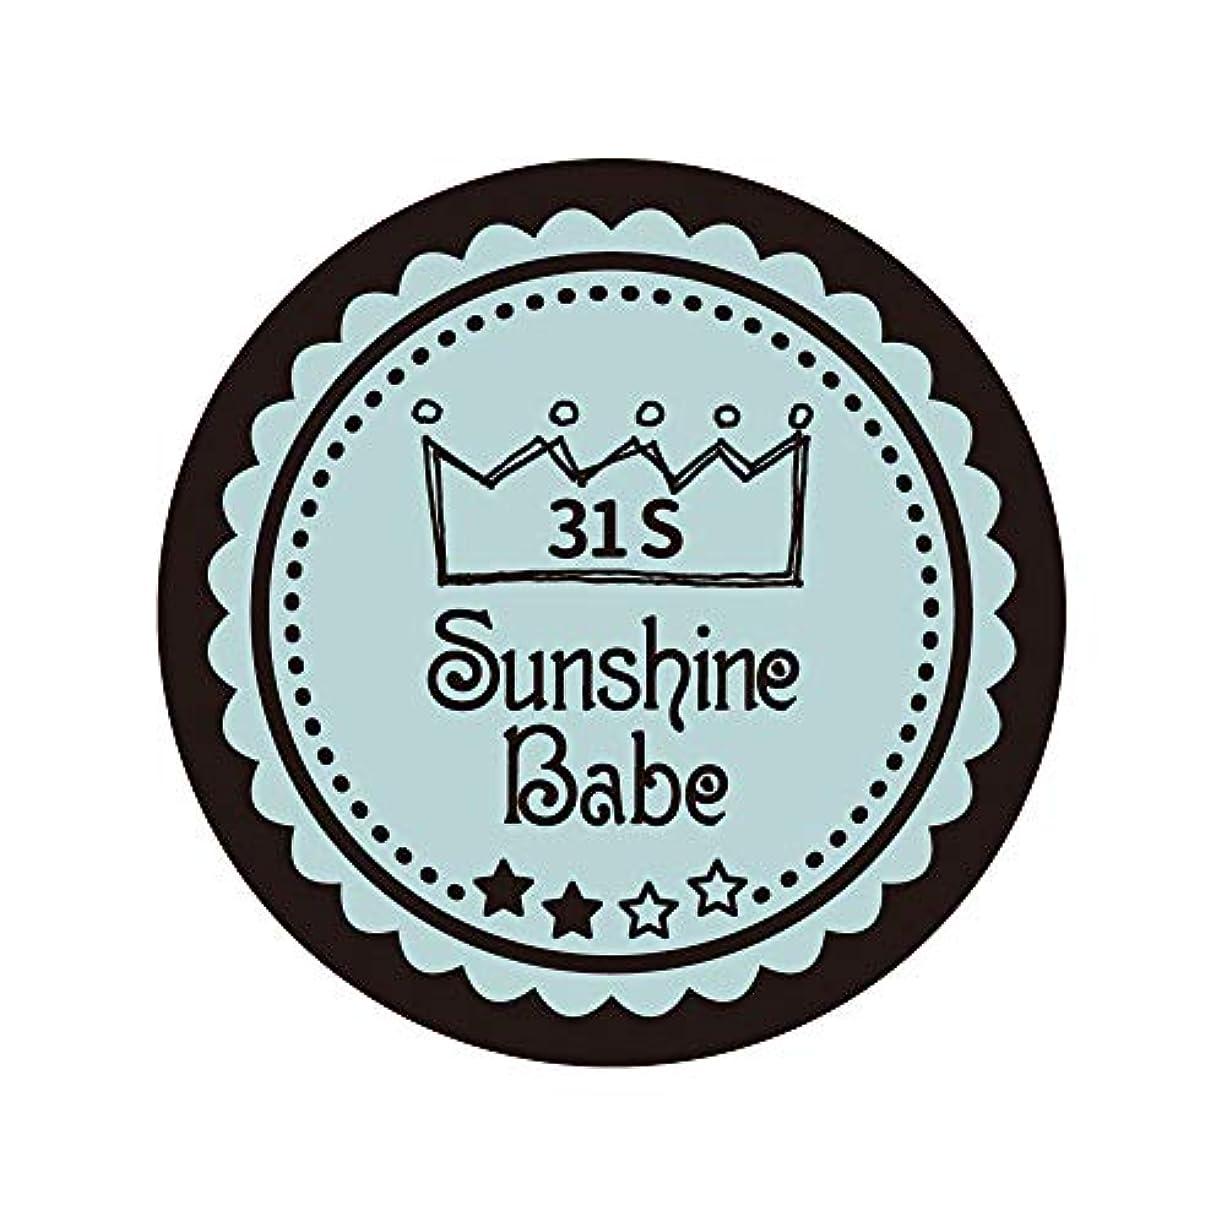 憲法瀬戸際信頼性のあるSunshine Babe カラージェル 31S アイスブルー 2.7g UV/LED対応